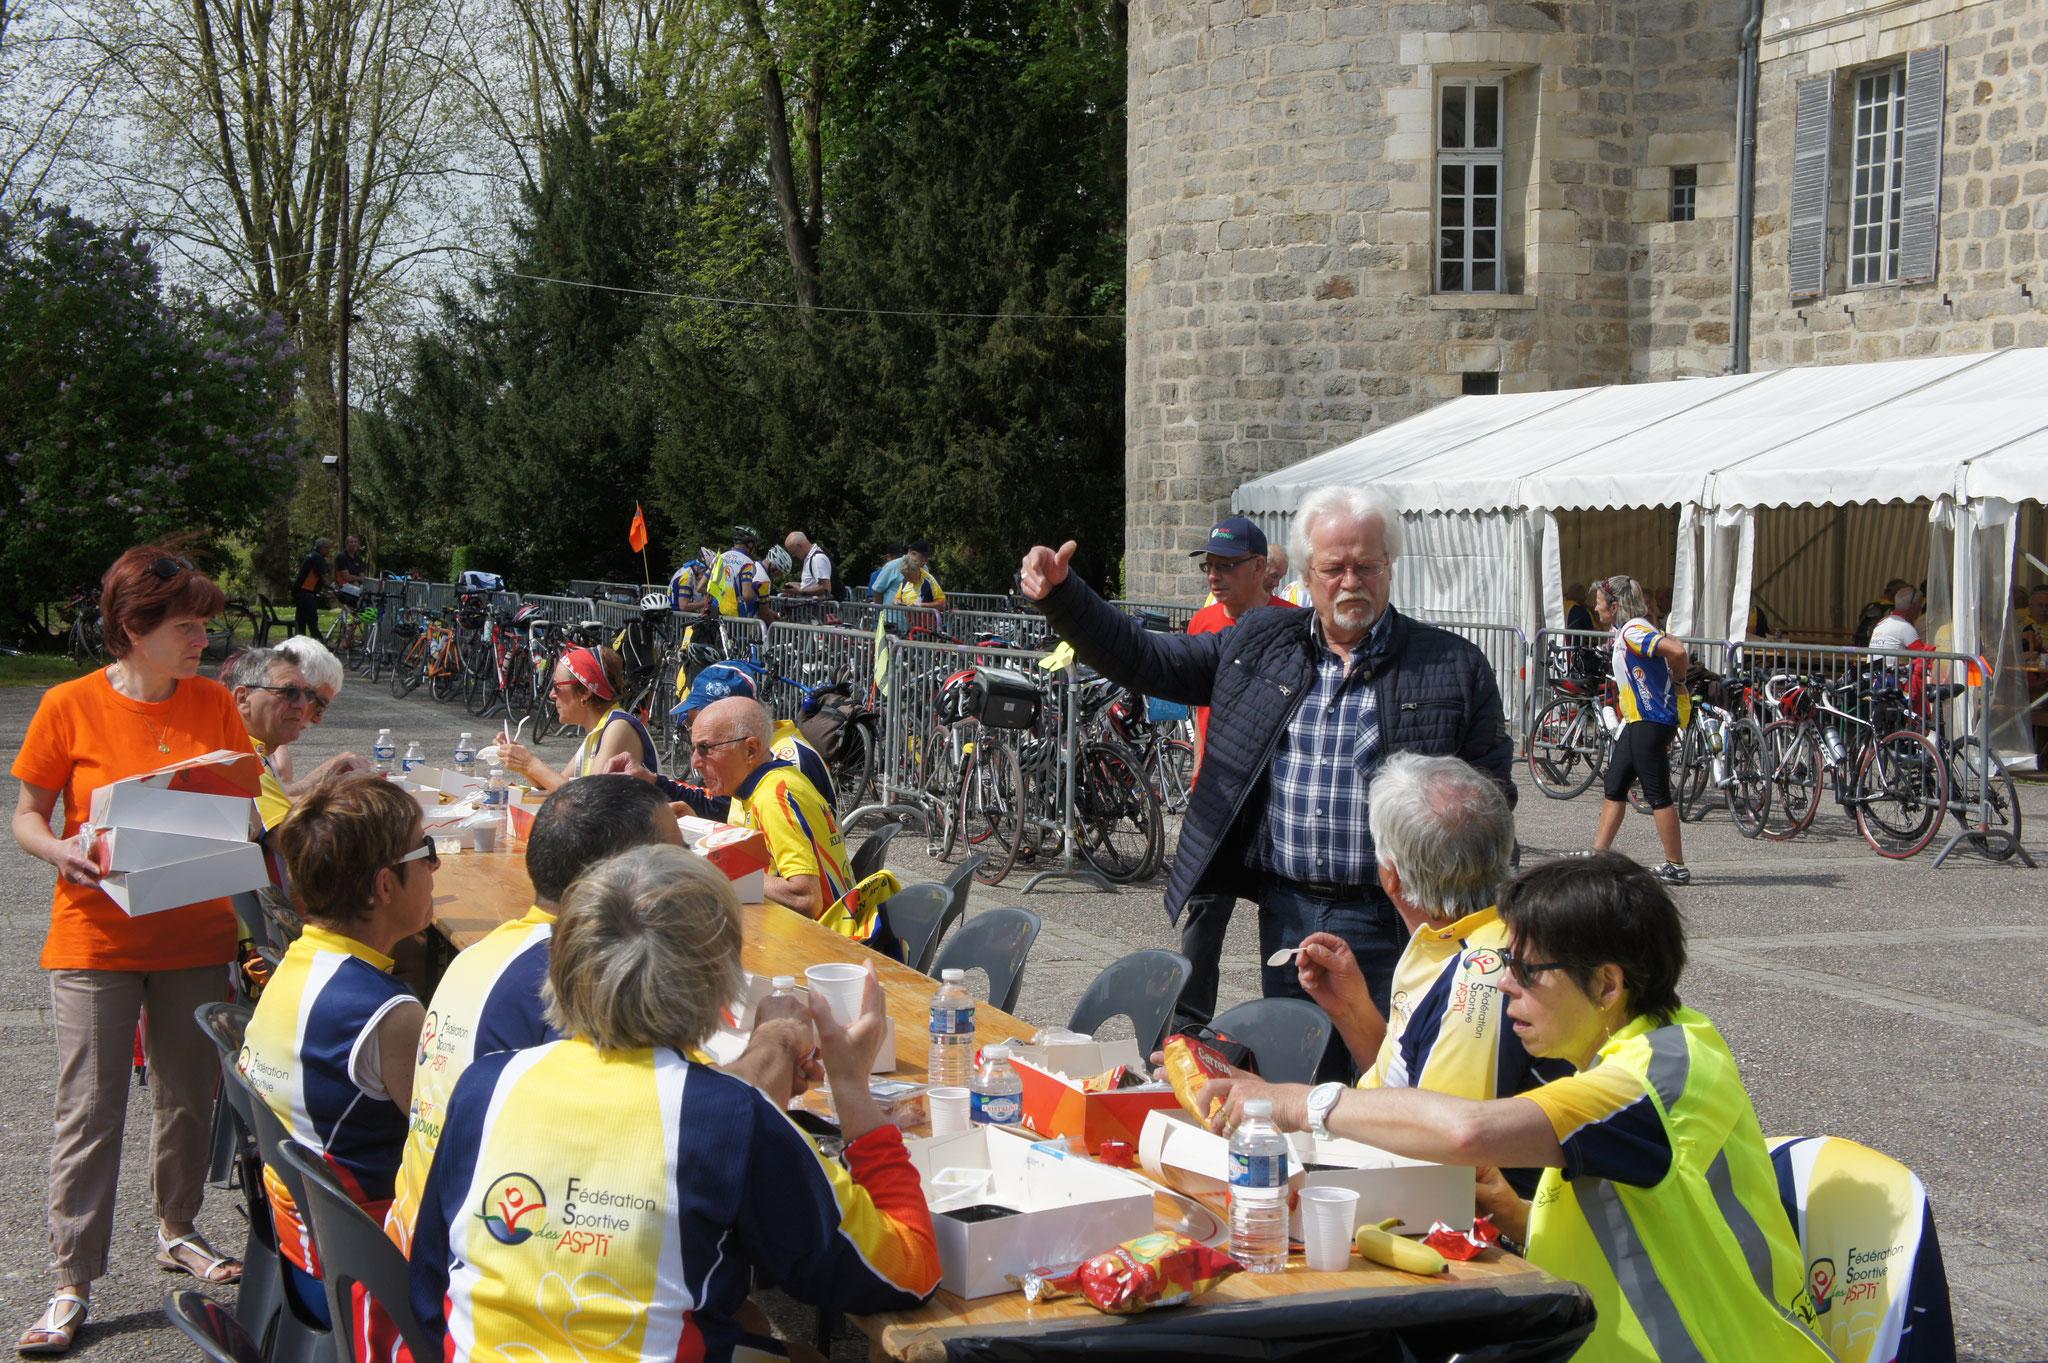 Gérard Goin, 5ème adjoint en charge des fêtes, animations et cérémonies au sein du conseil municipal dormaniste, en compagnie de cyclos.